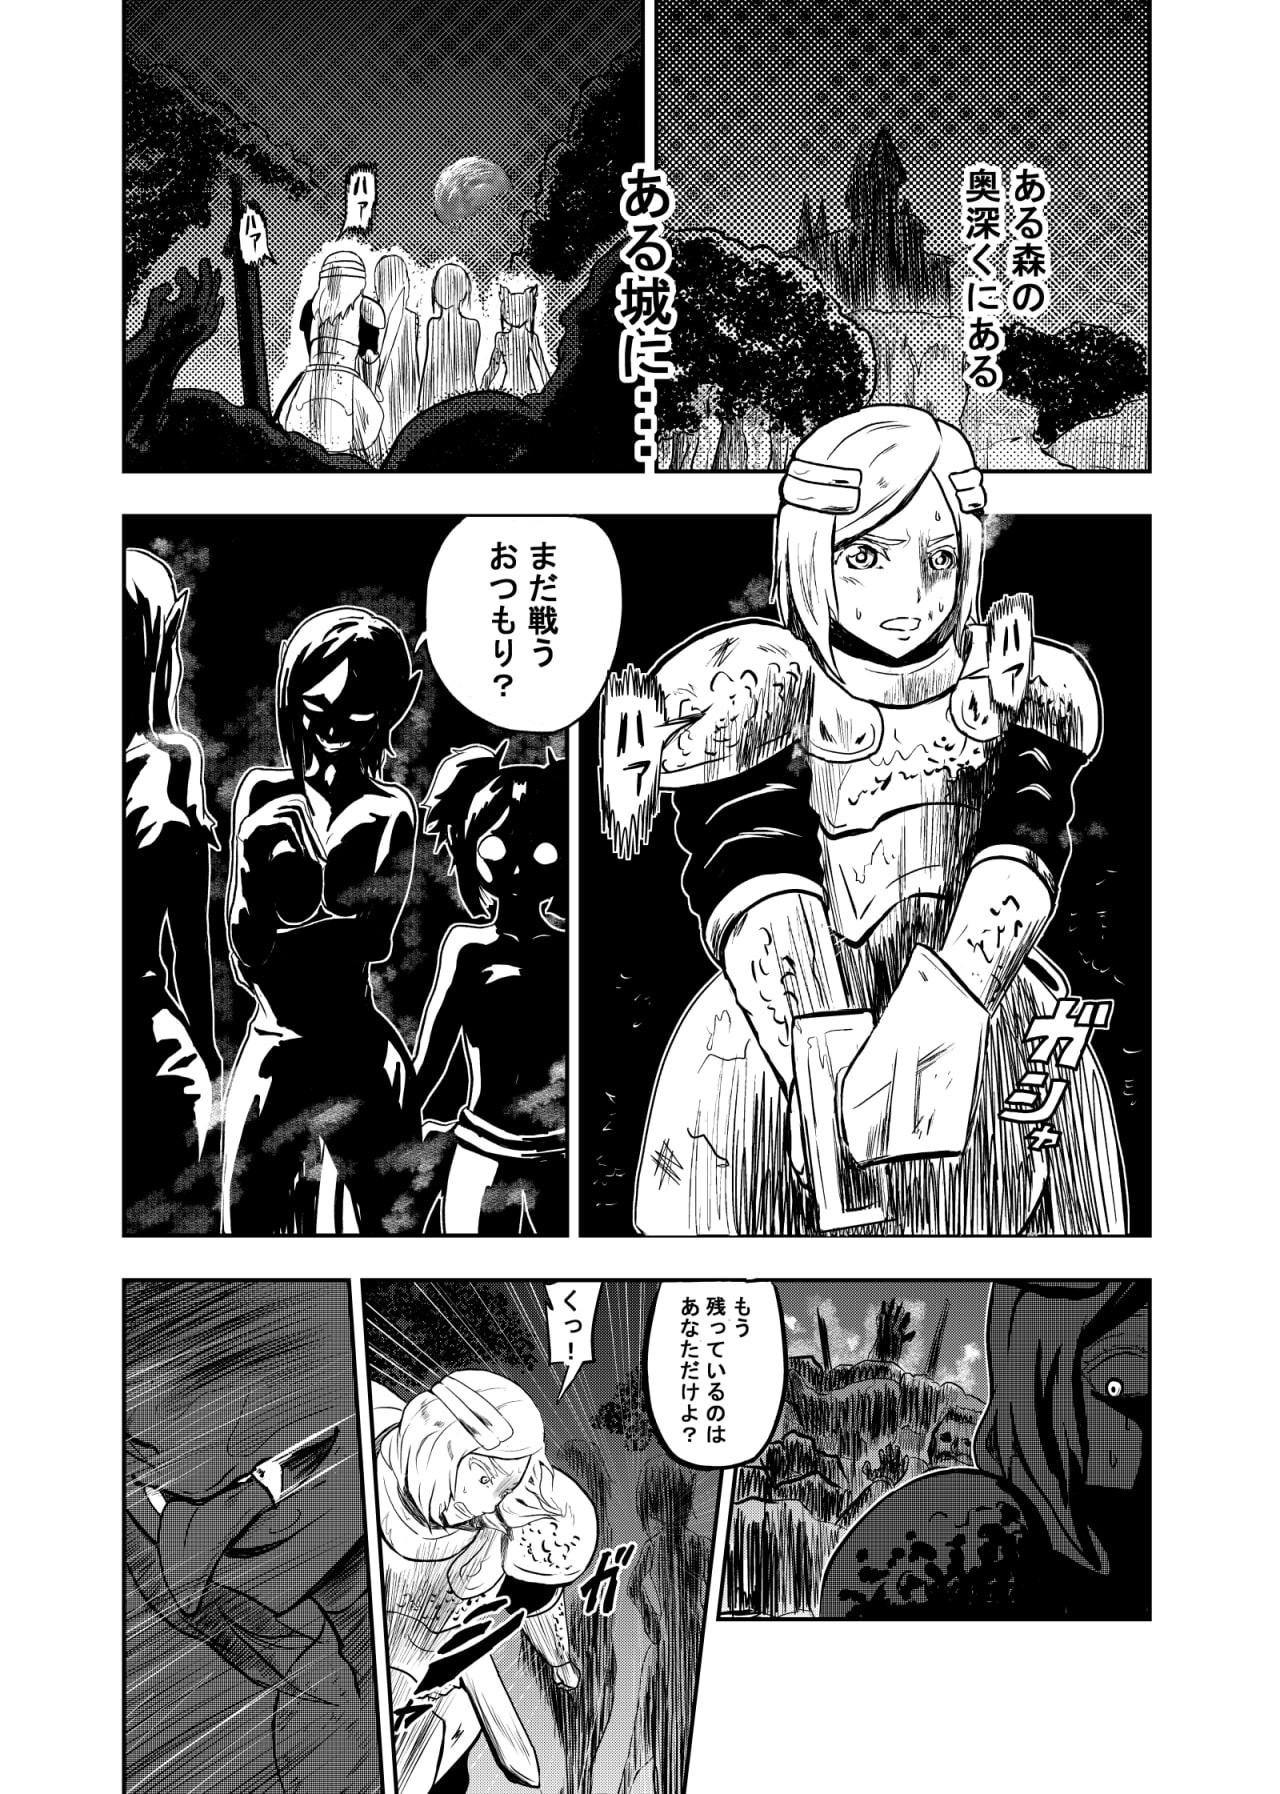 ヴァンパレイド ~吸血鬼 三姉妹 捕縛編~